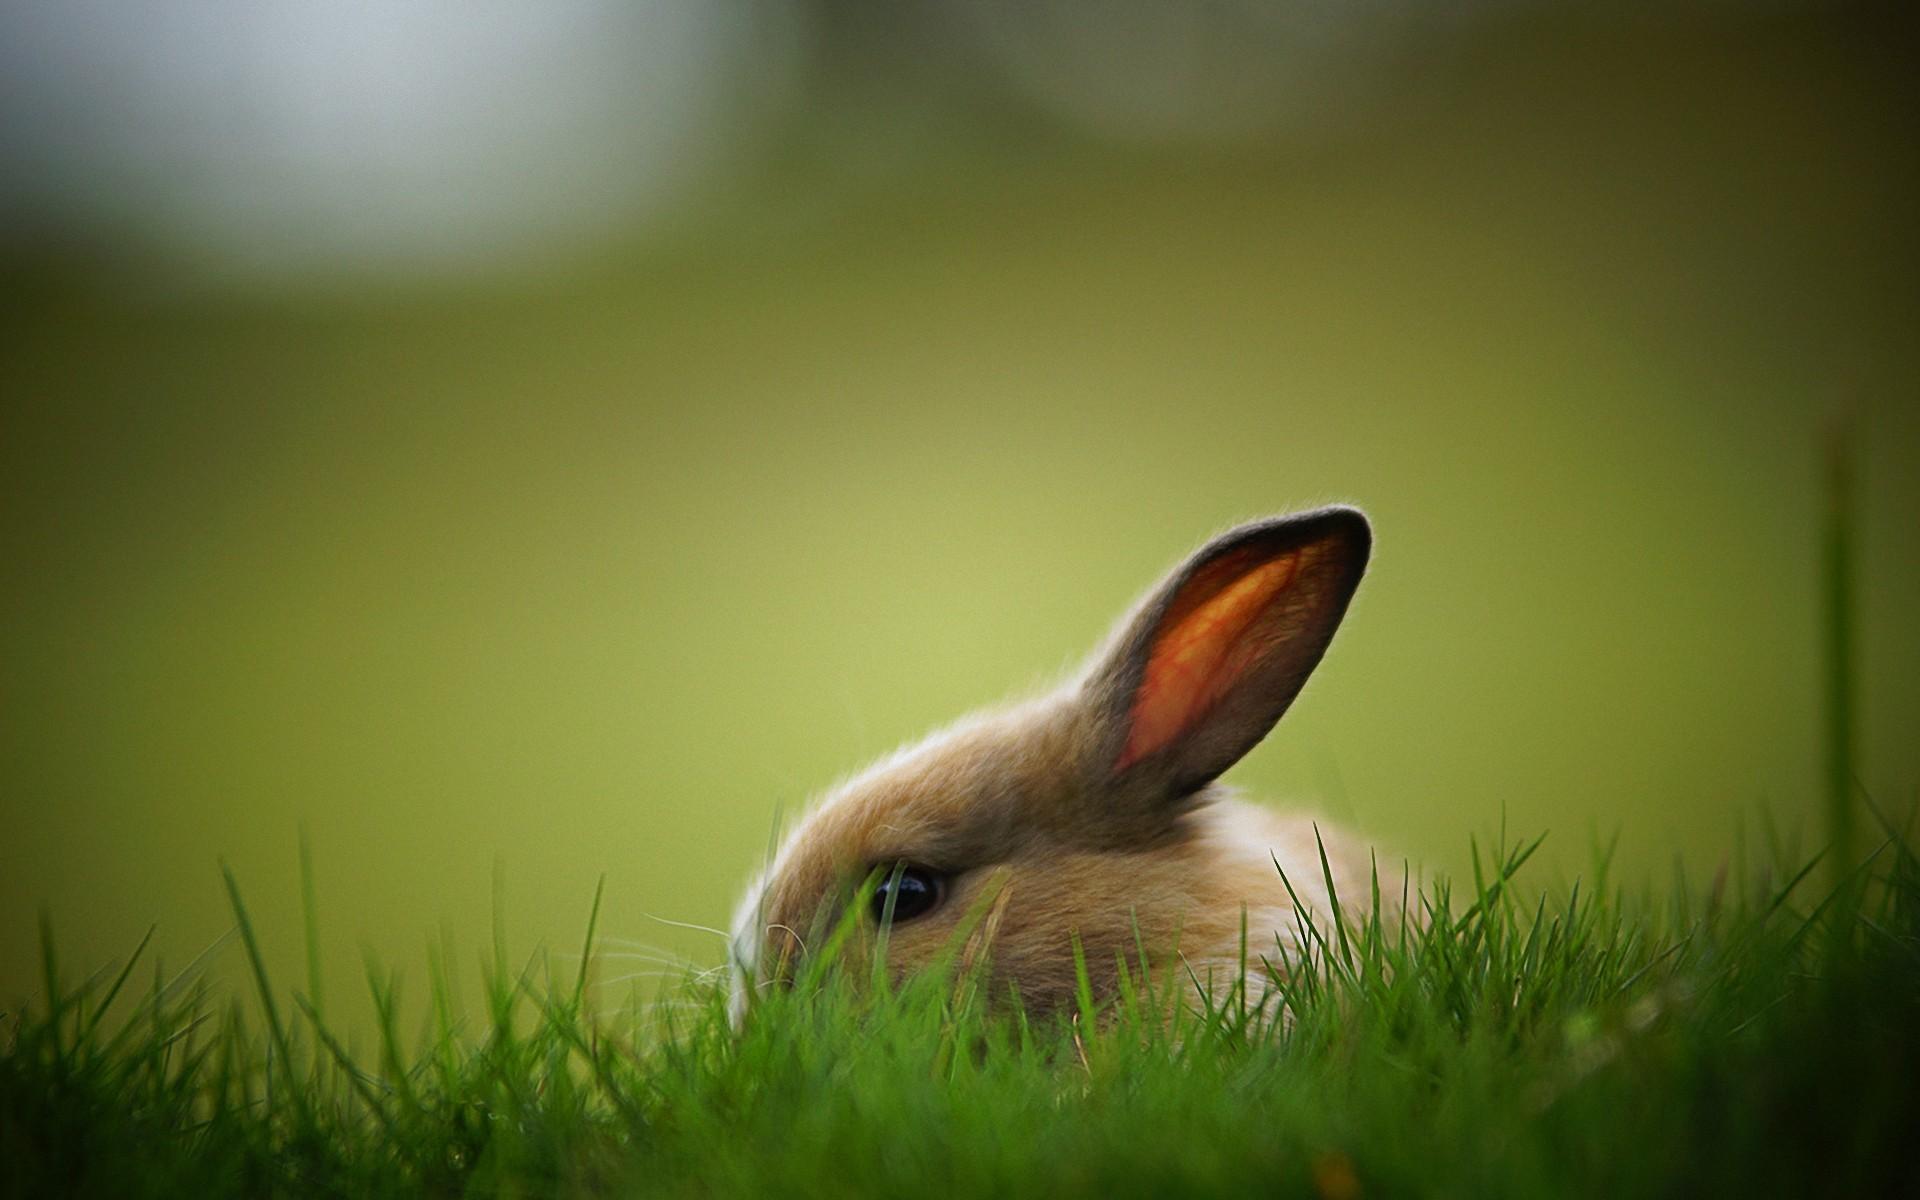 pics of rabbit